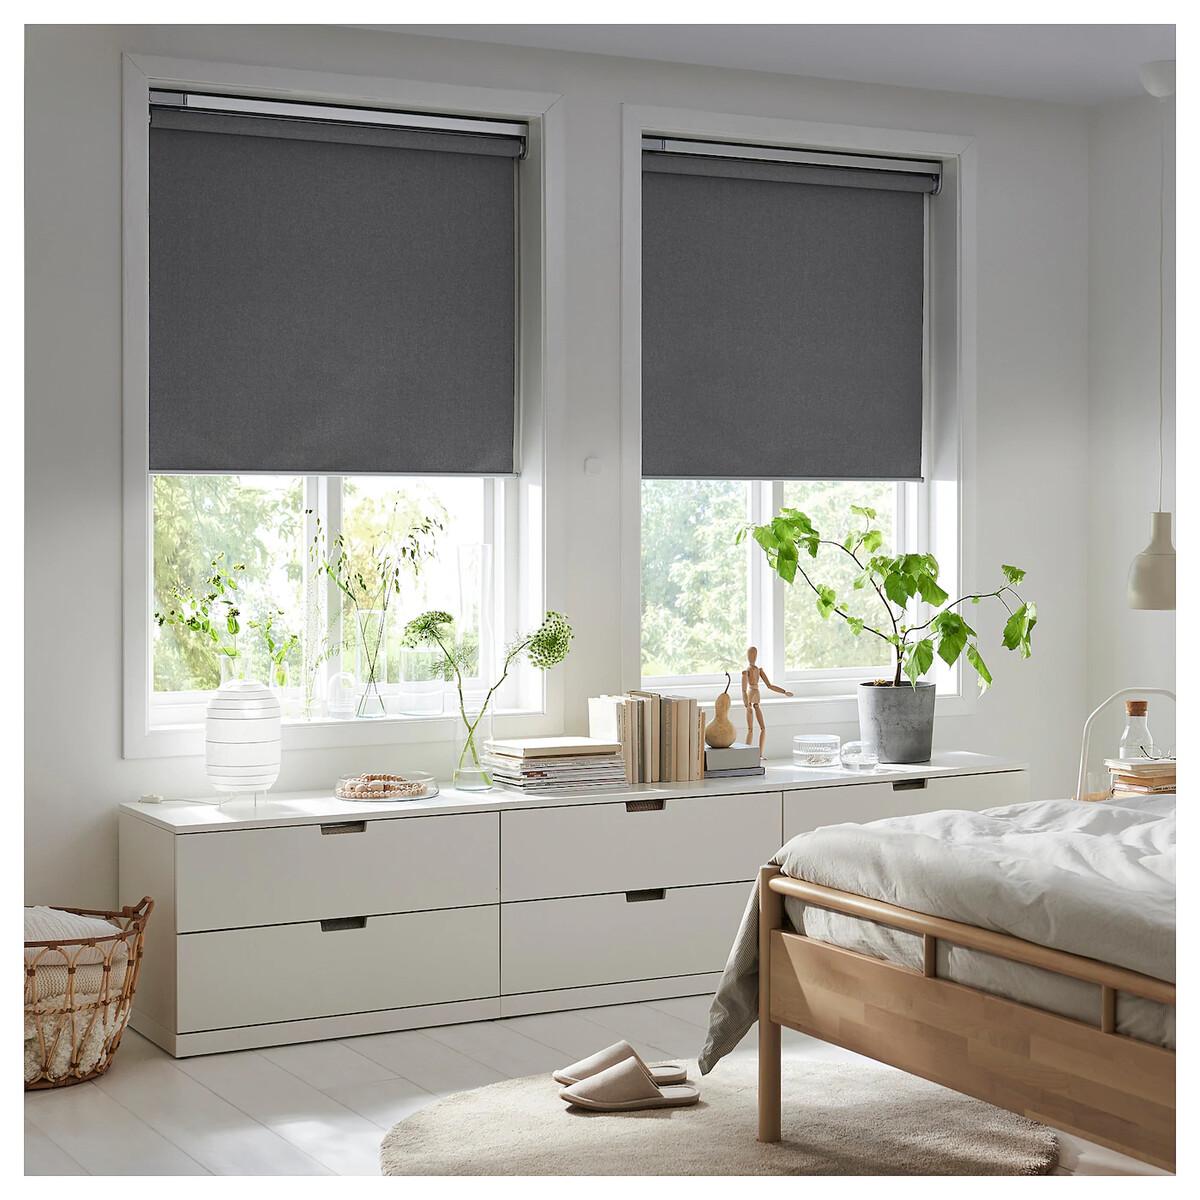 Full Size of Jalousien Ikea Amazon Alexa Steuert Jetzt Auch Smarte Von Küche Kaufen Sofa Mit Schlaffunktion Fenster Kosten Modulküche Innen Betten 160x200 Miniküche Bei Wohnzimmer Jalousien Ikea